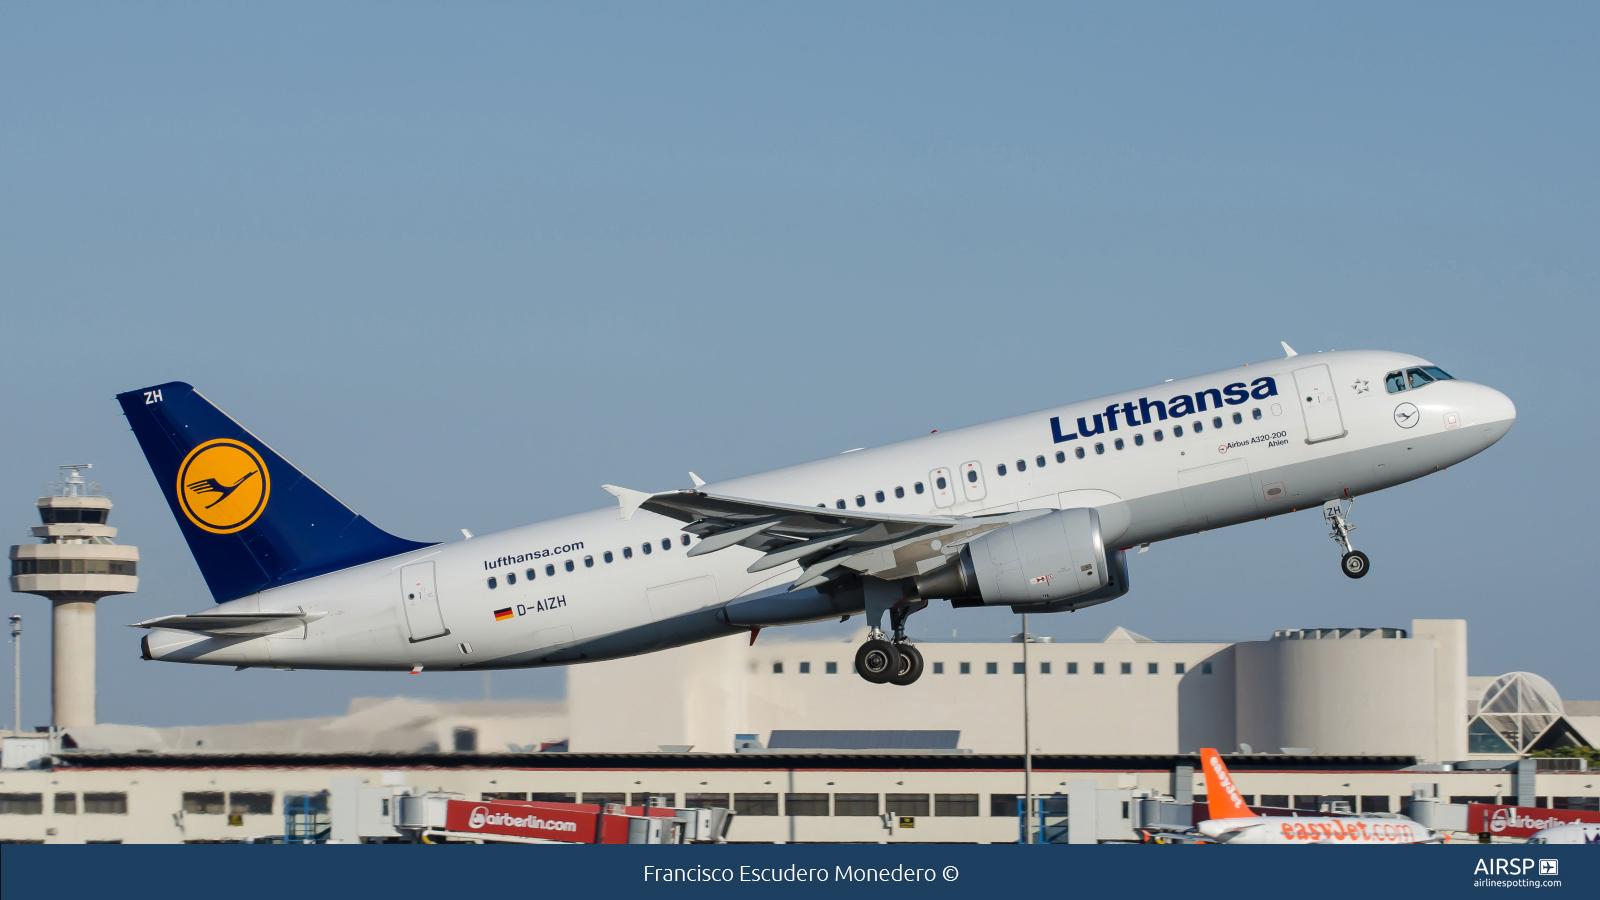 Lufthansa  Airbus A320  D-AIZH